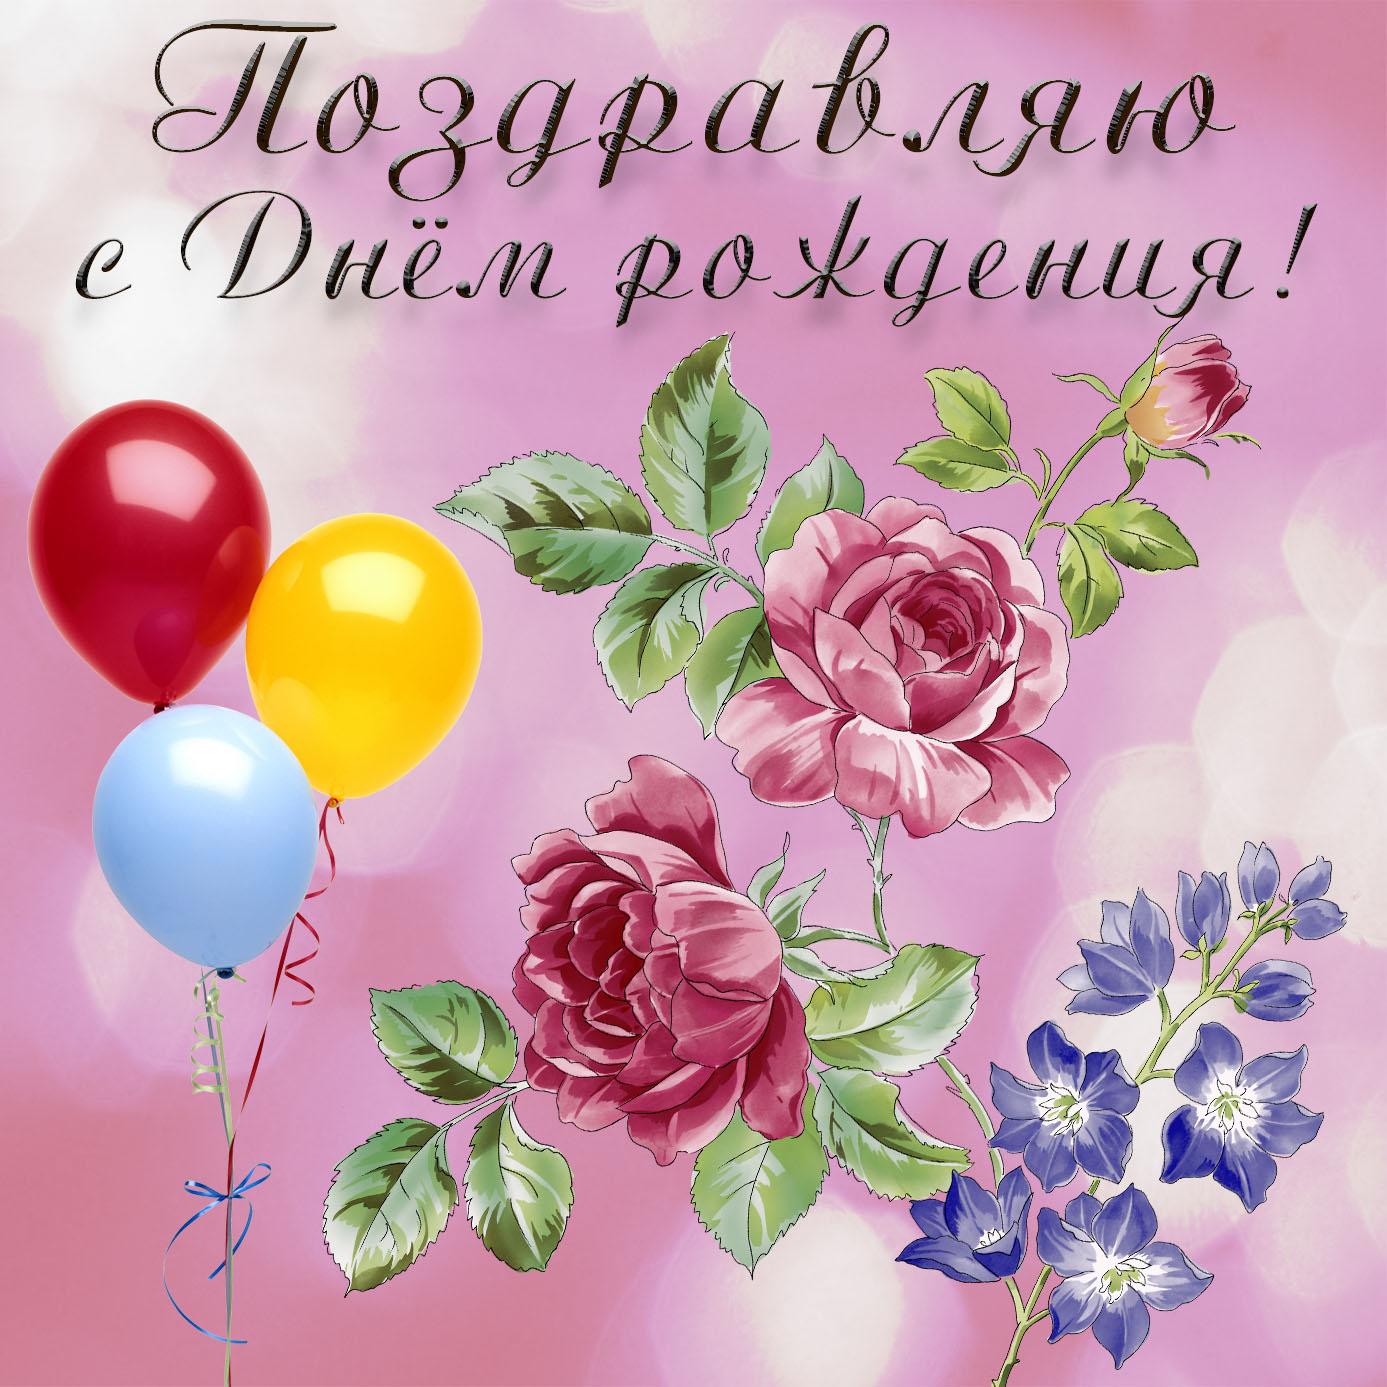 Картинка на День рождения с шариками и розами